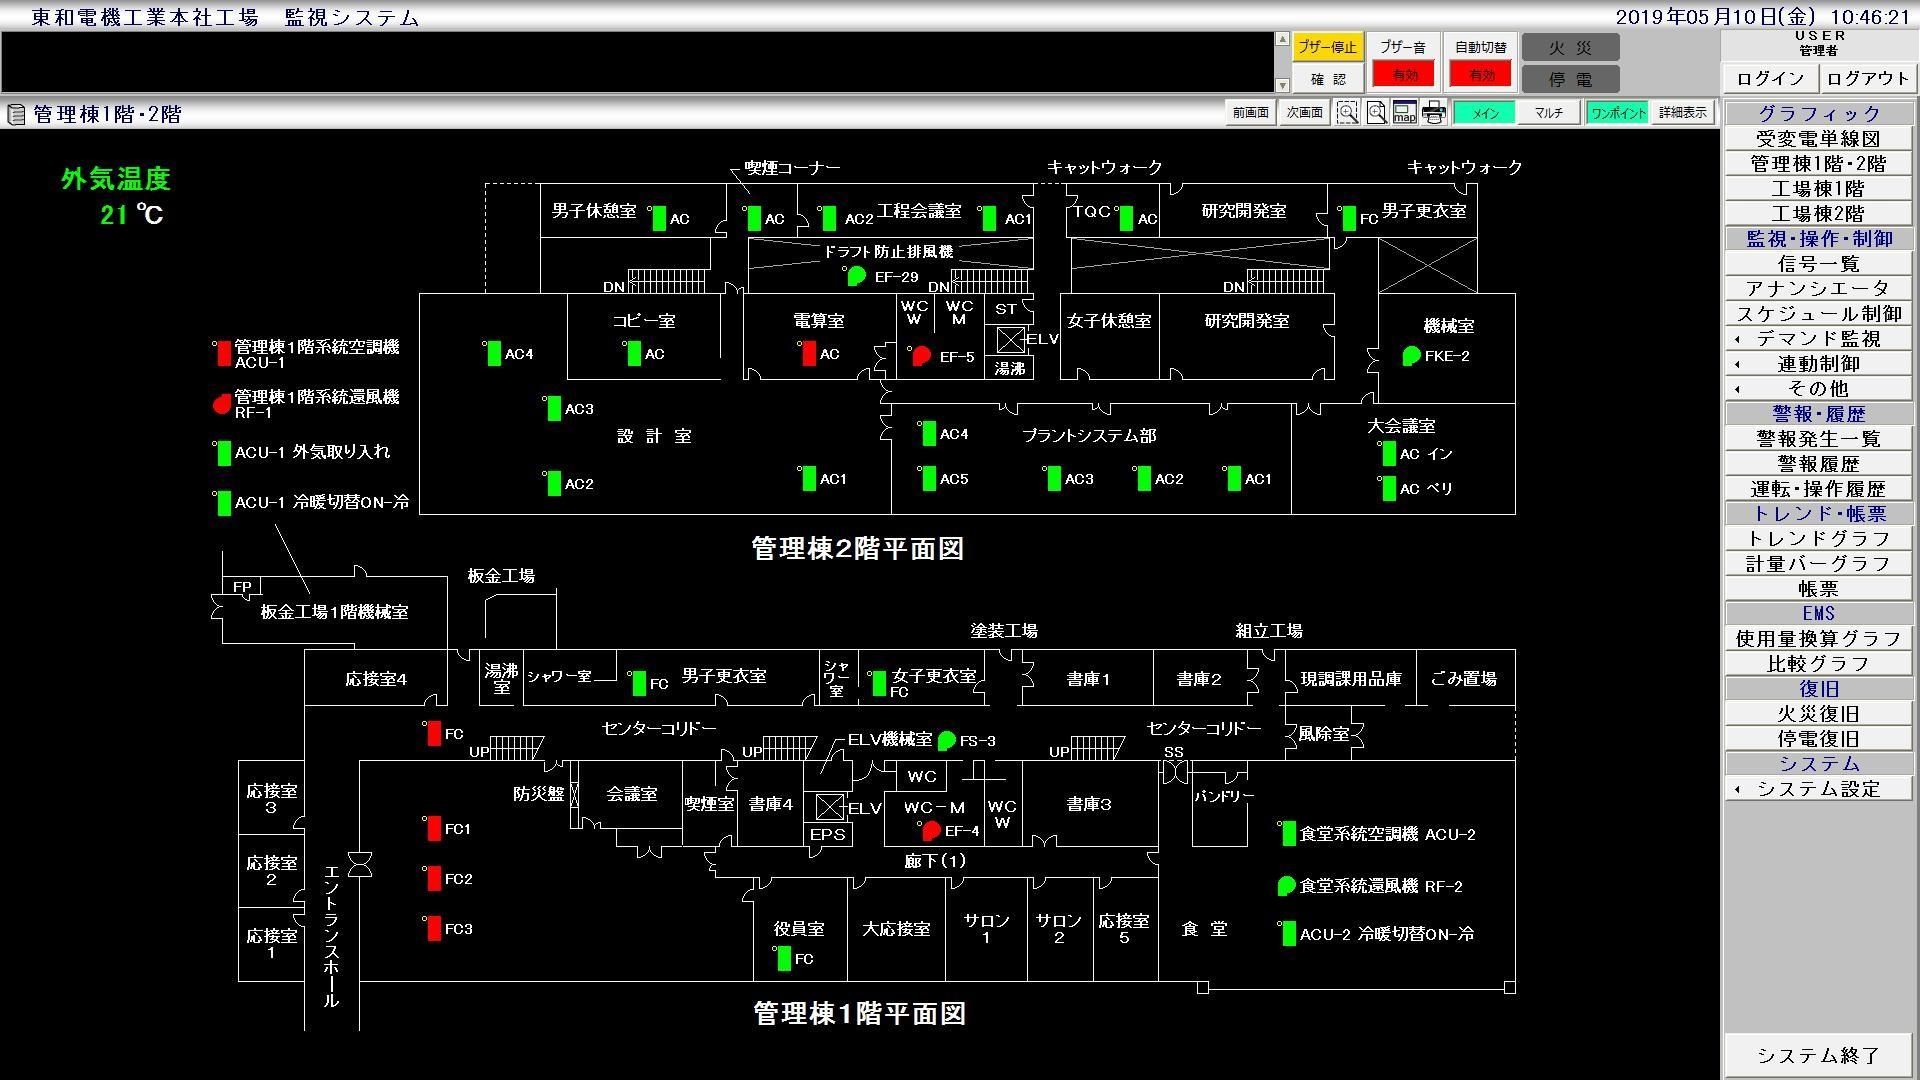 グラフィック画面